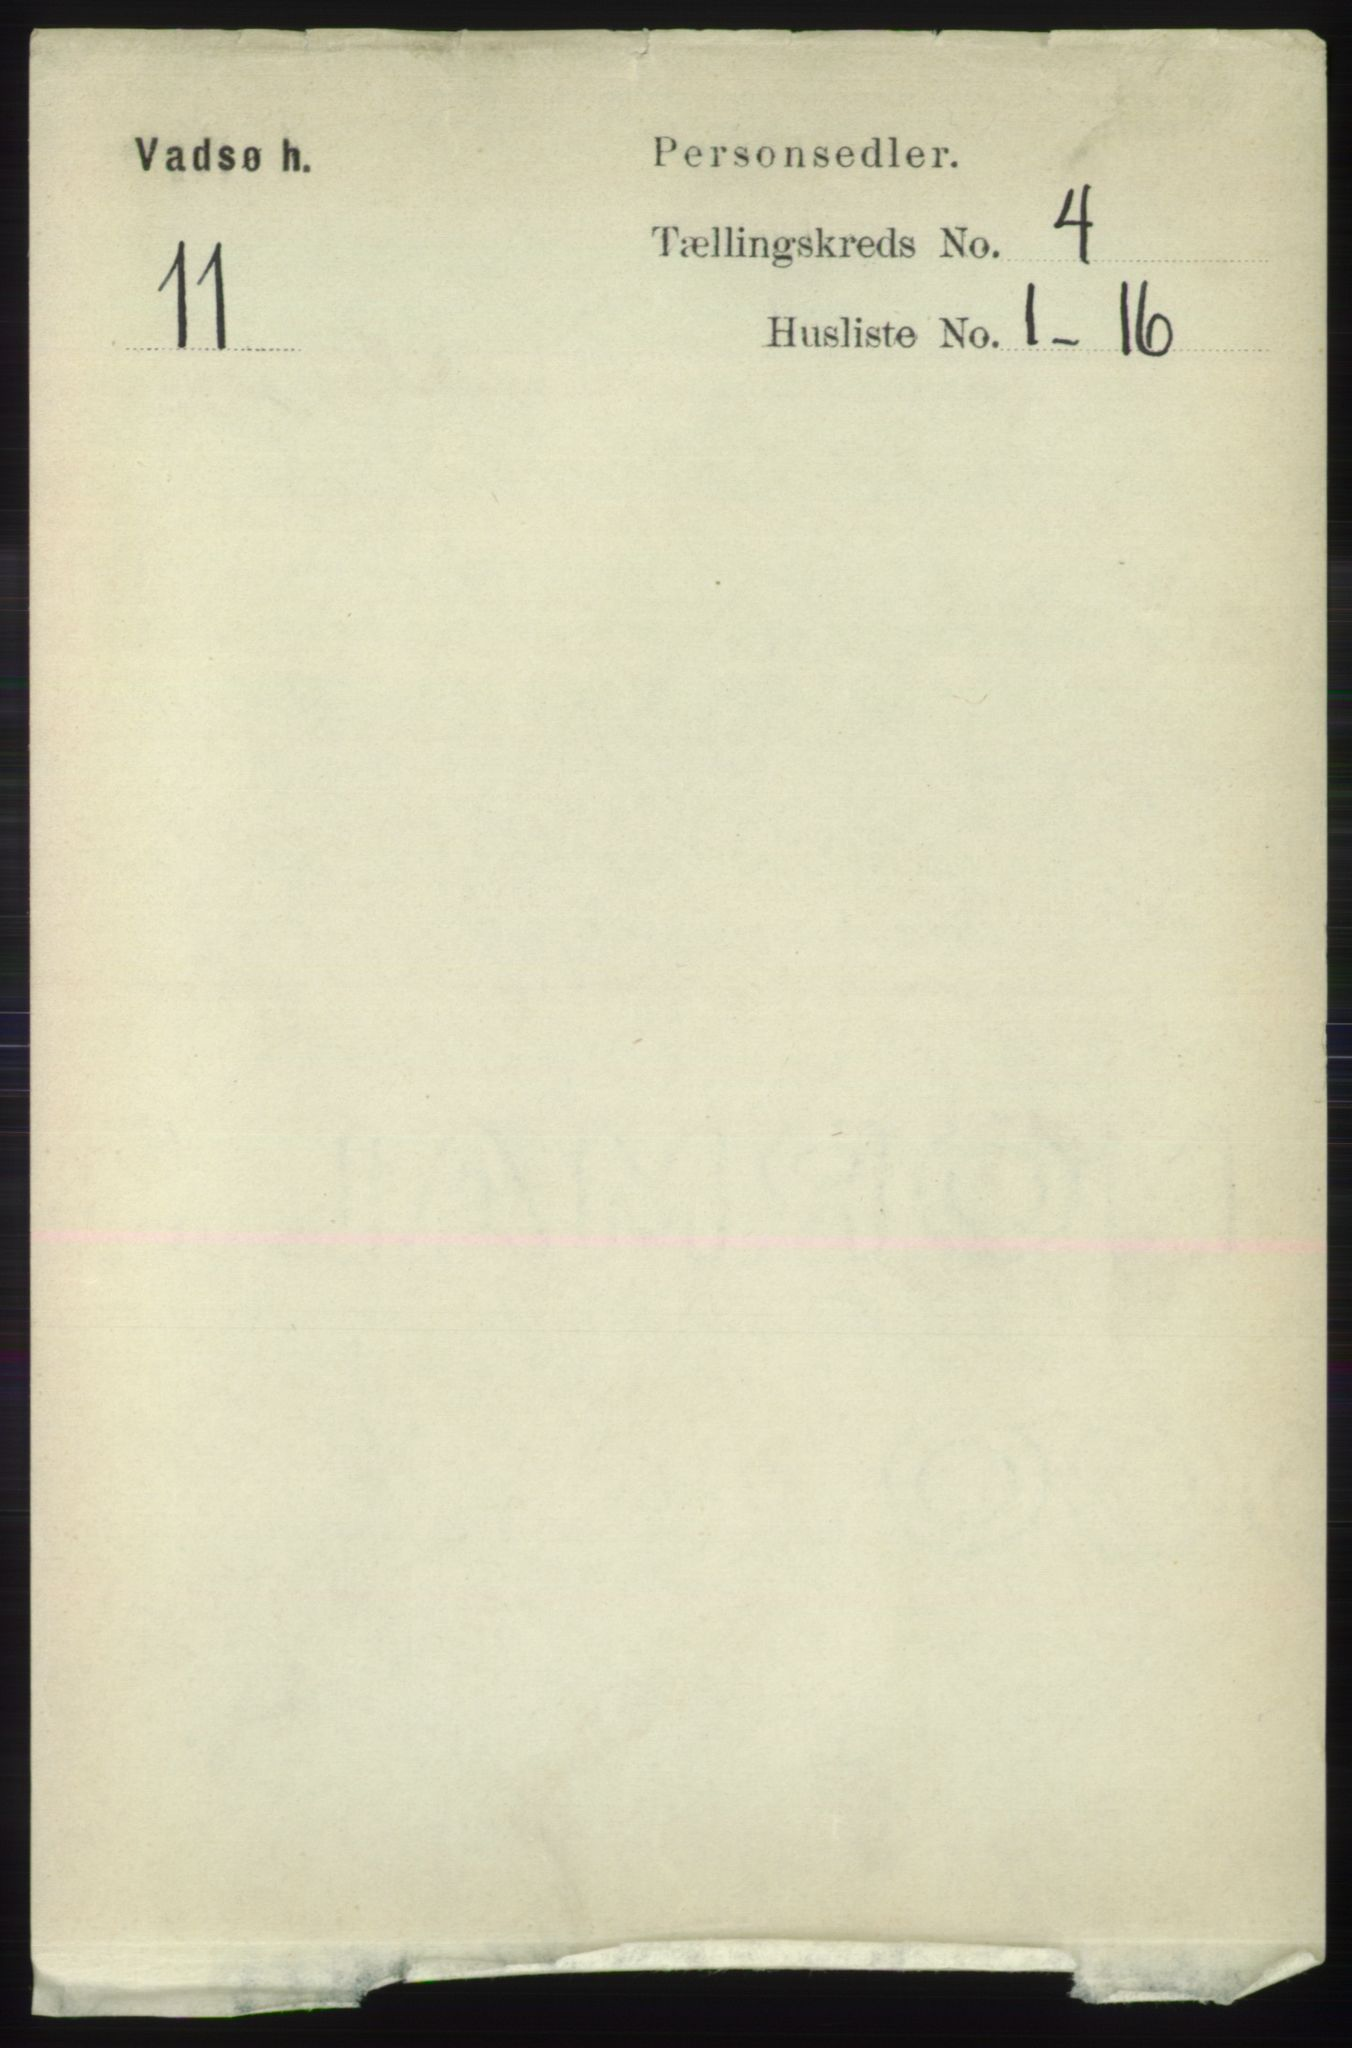 RA, Folketelling 1891 for 2029 Vadsø herred, 1891, s. 1207